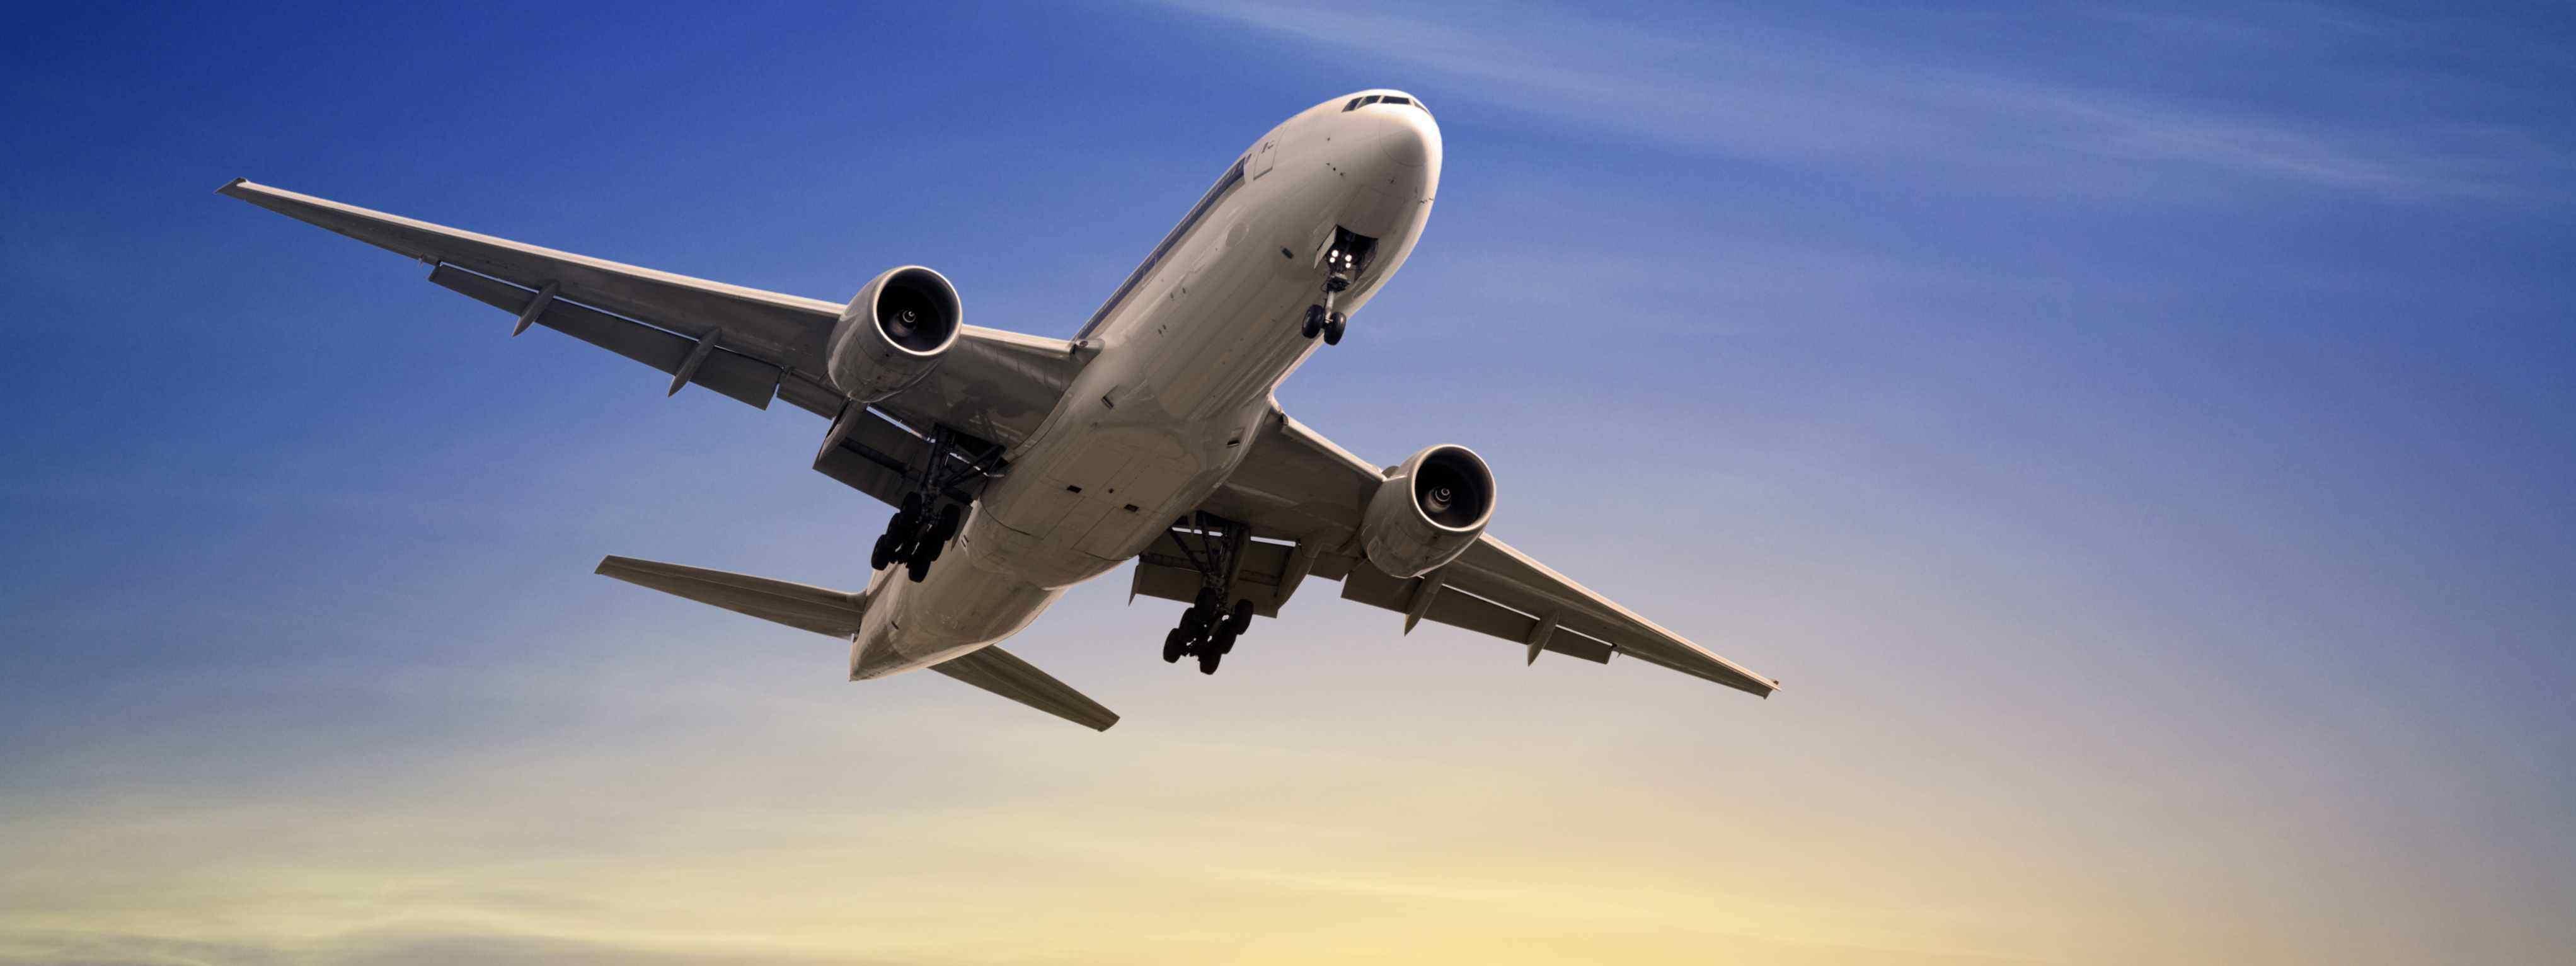 Boeing 777 en vuelo con un atardecer de fondo.